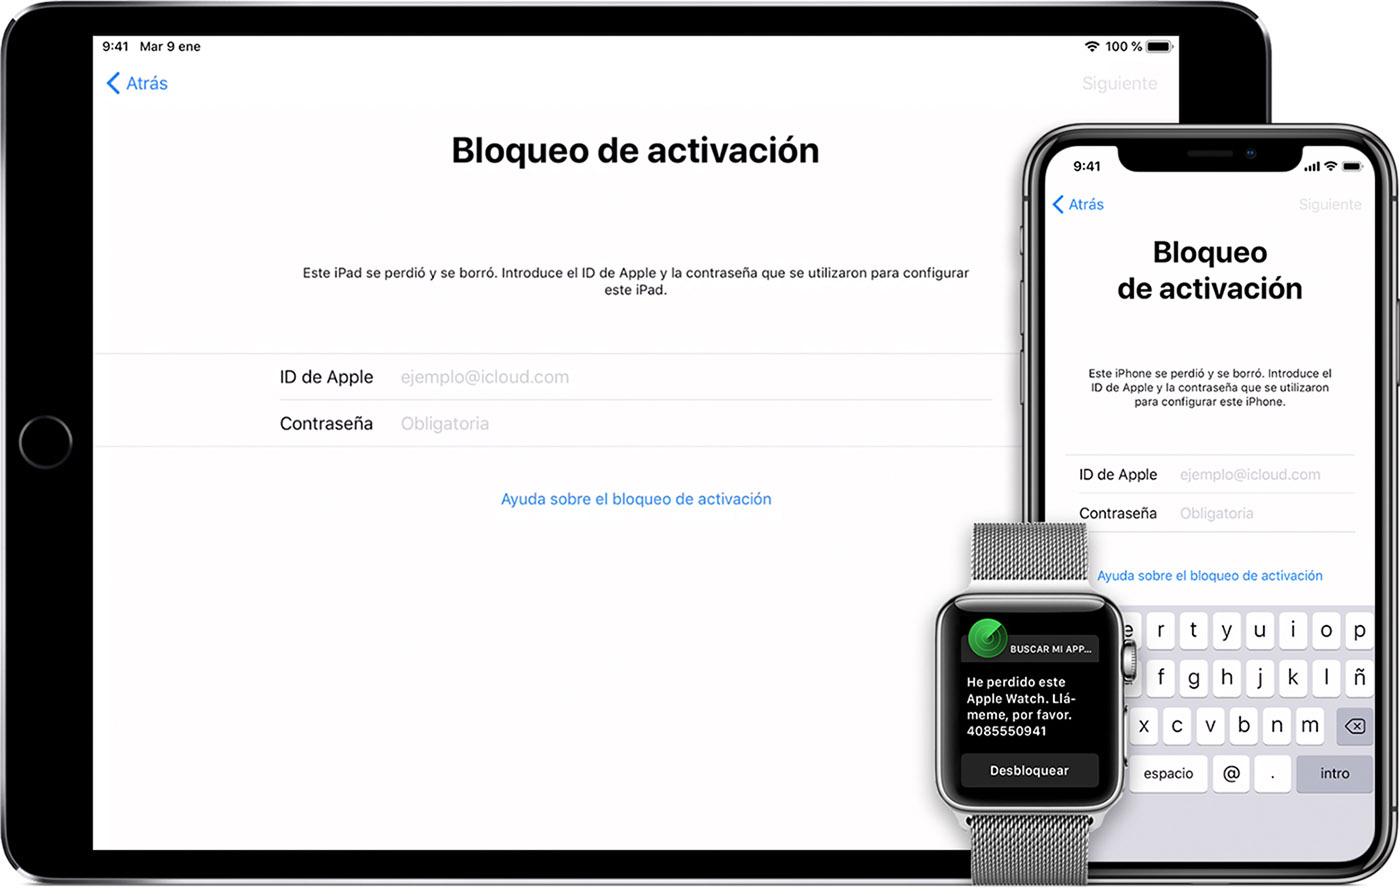 Come attivare facilmente un iPhone bloccato 2